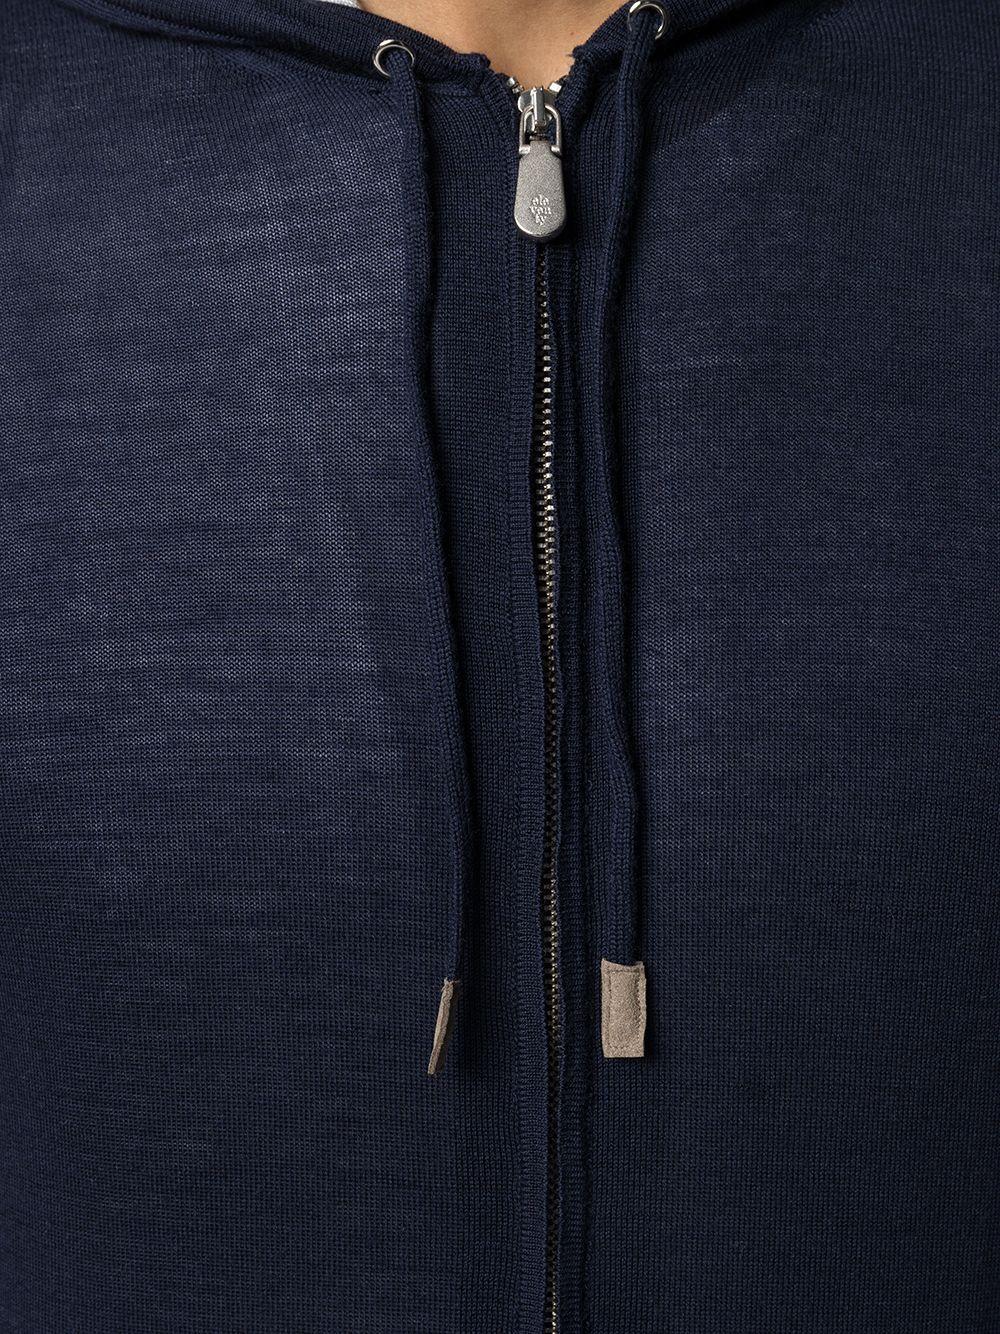 Felpa blu navy in lana con cappuccio grigio ELEVENTY   Cardigan   C76MAGC72-MAG2400311